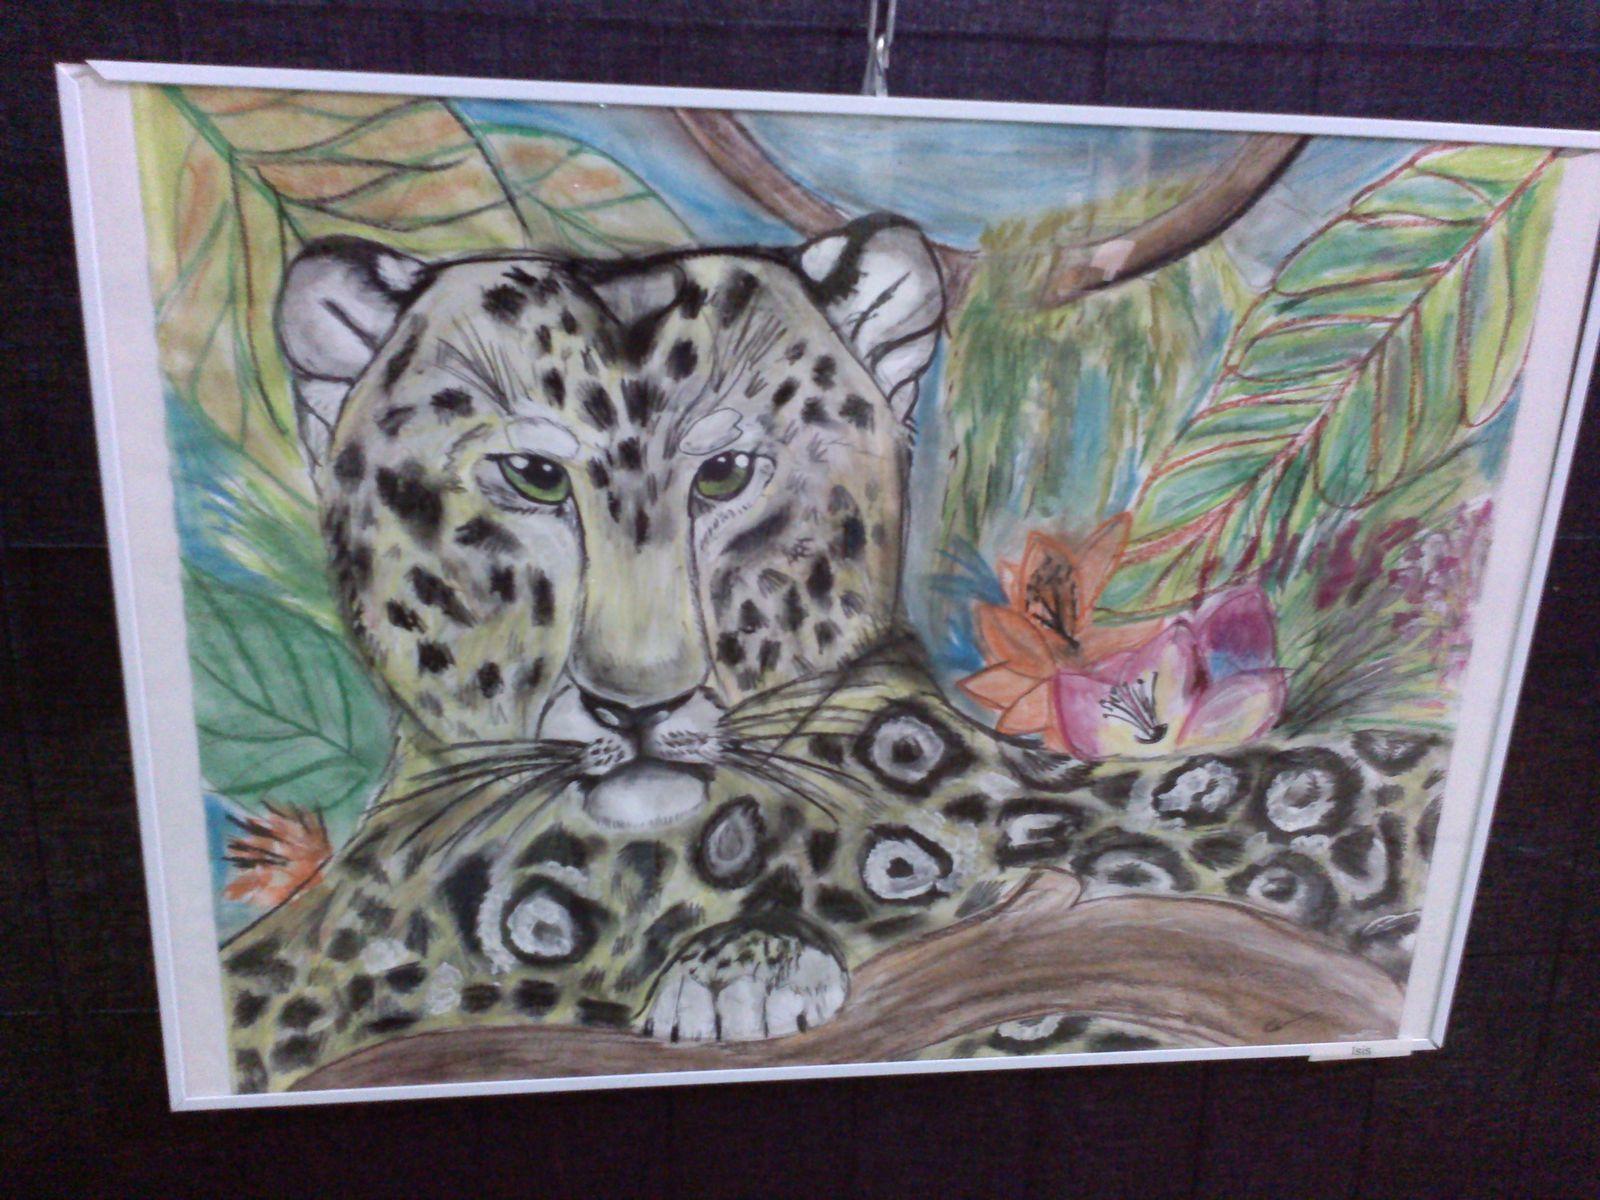 Cherchons le chat au salon des artistes de pontivy 2016